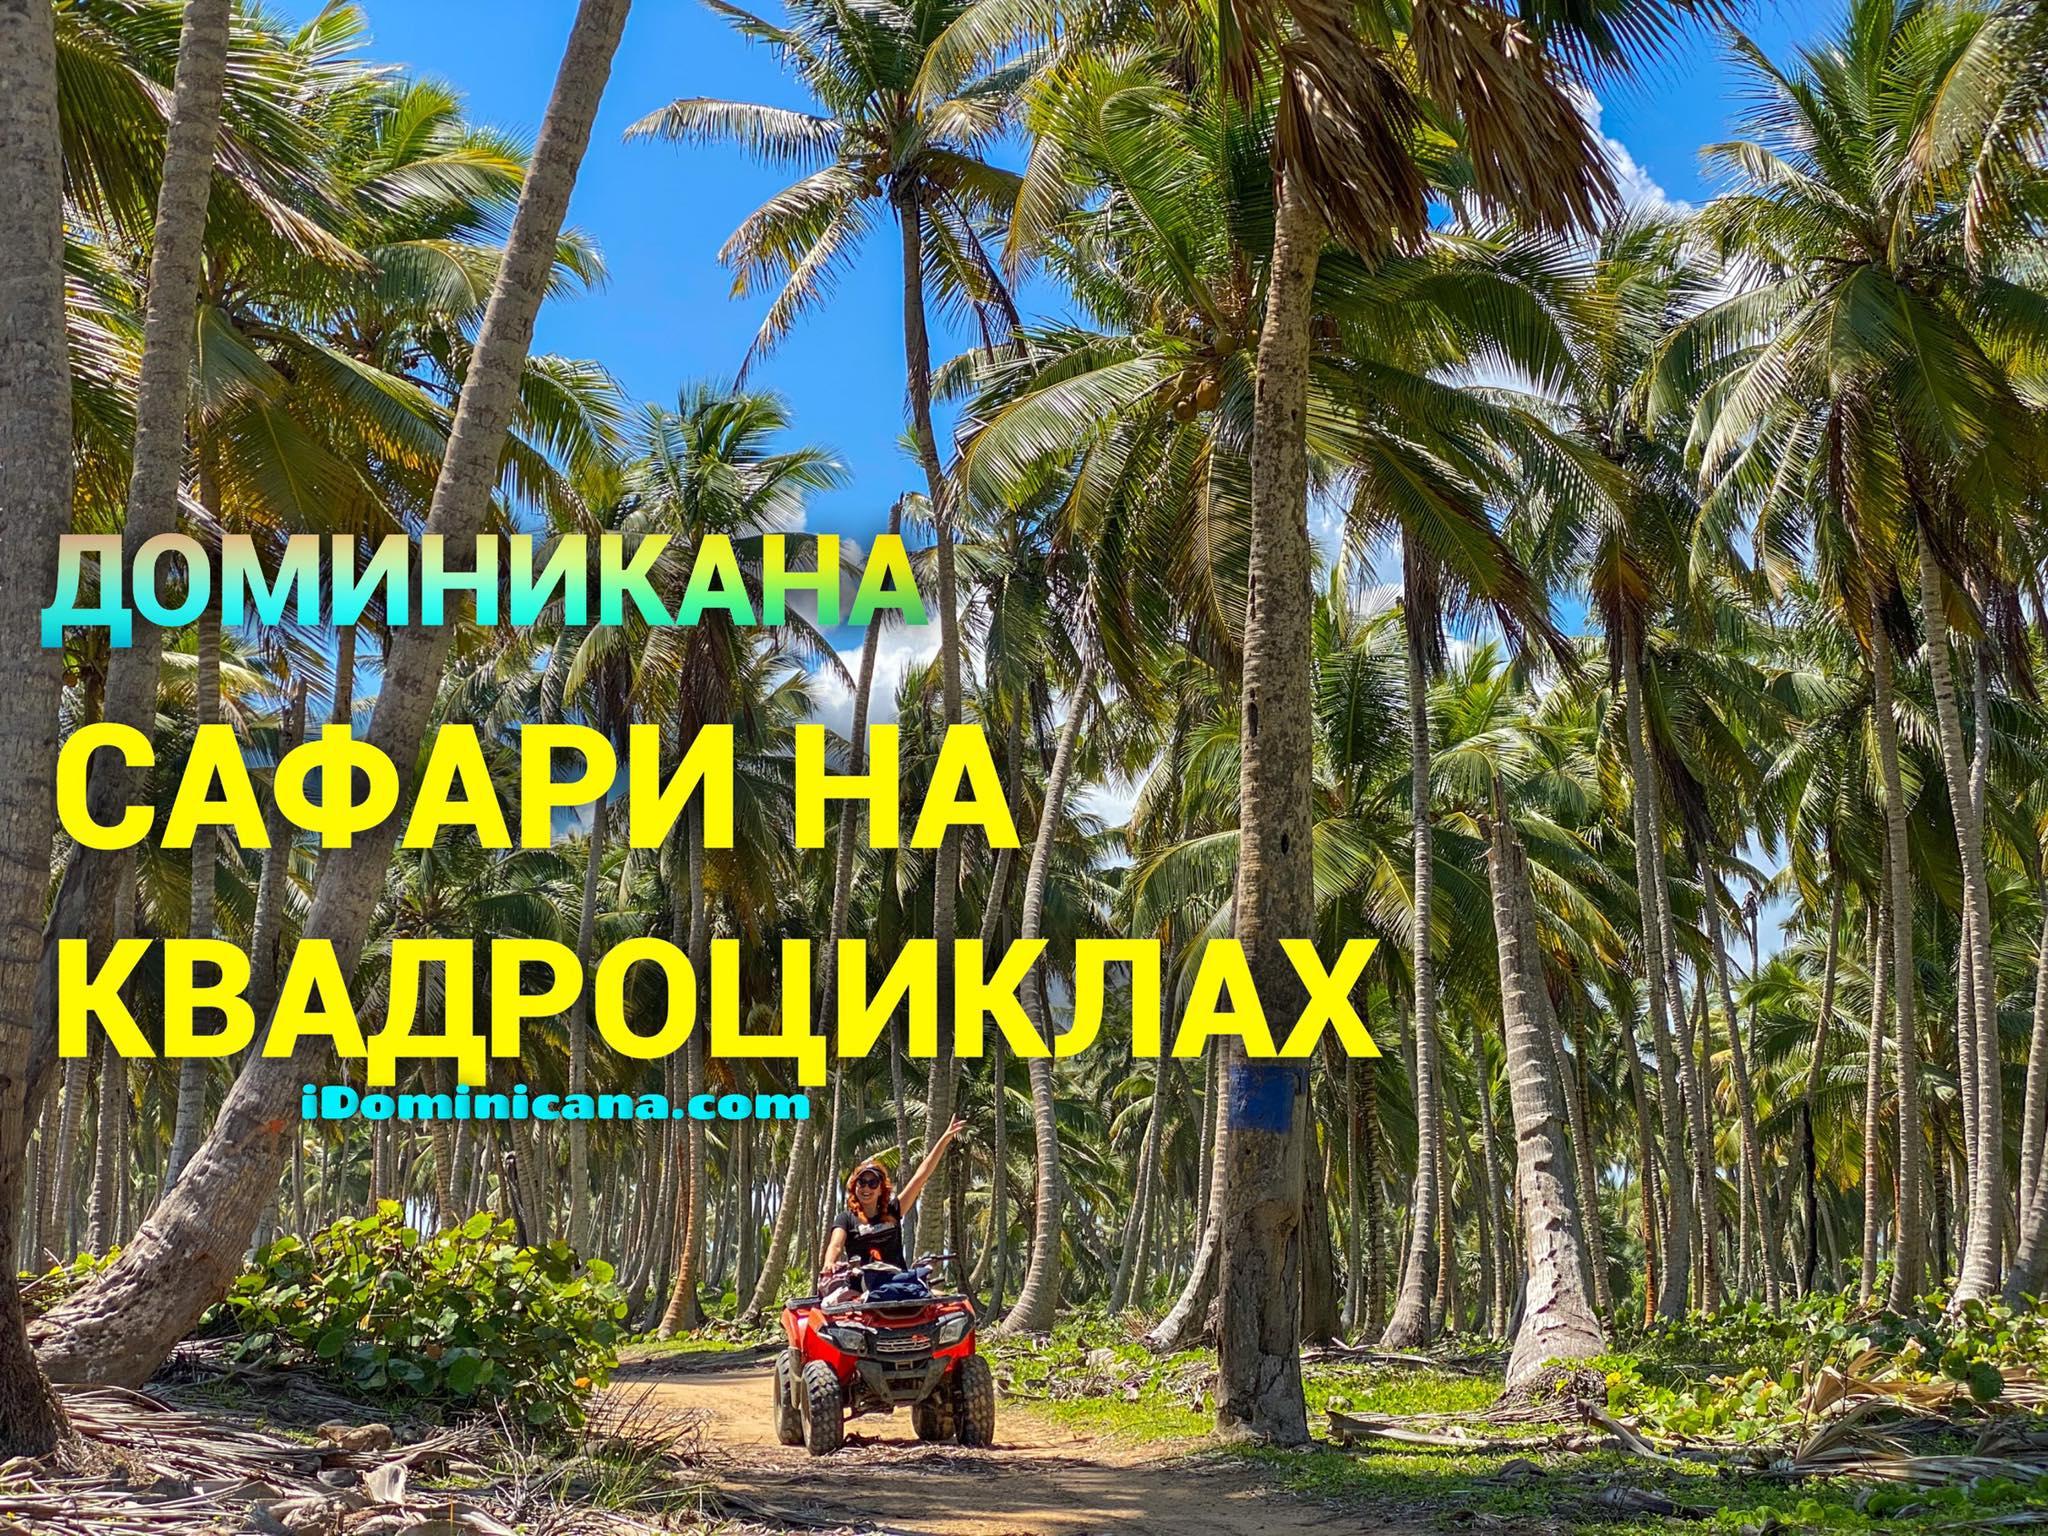 Экскурсия на квадроциклах в Доминикане: видео - iDominicana.com